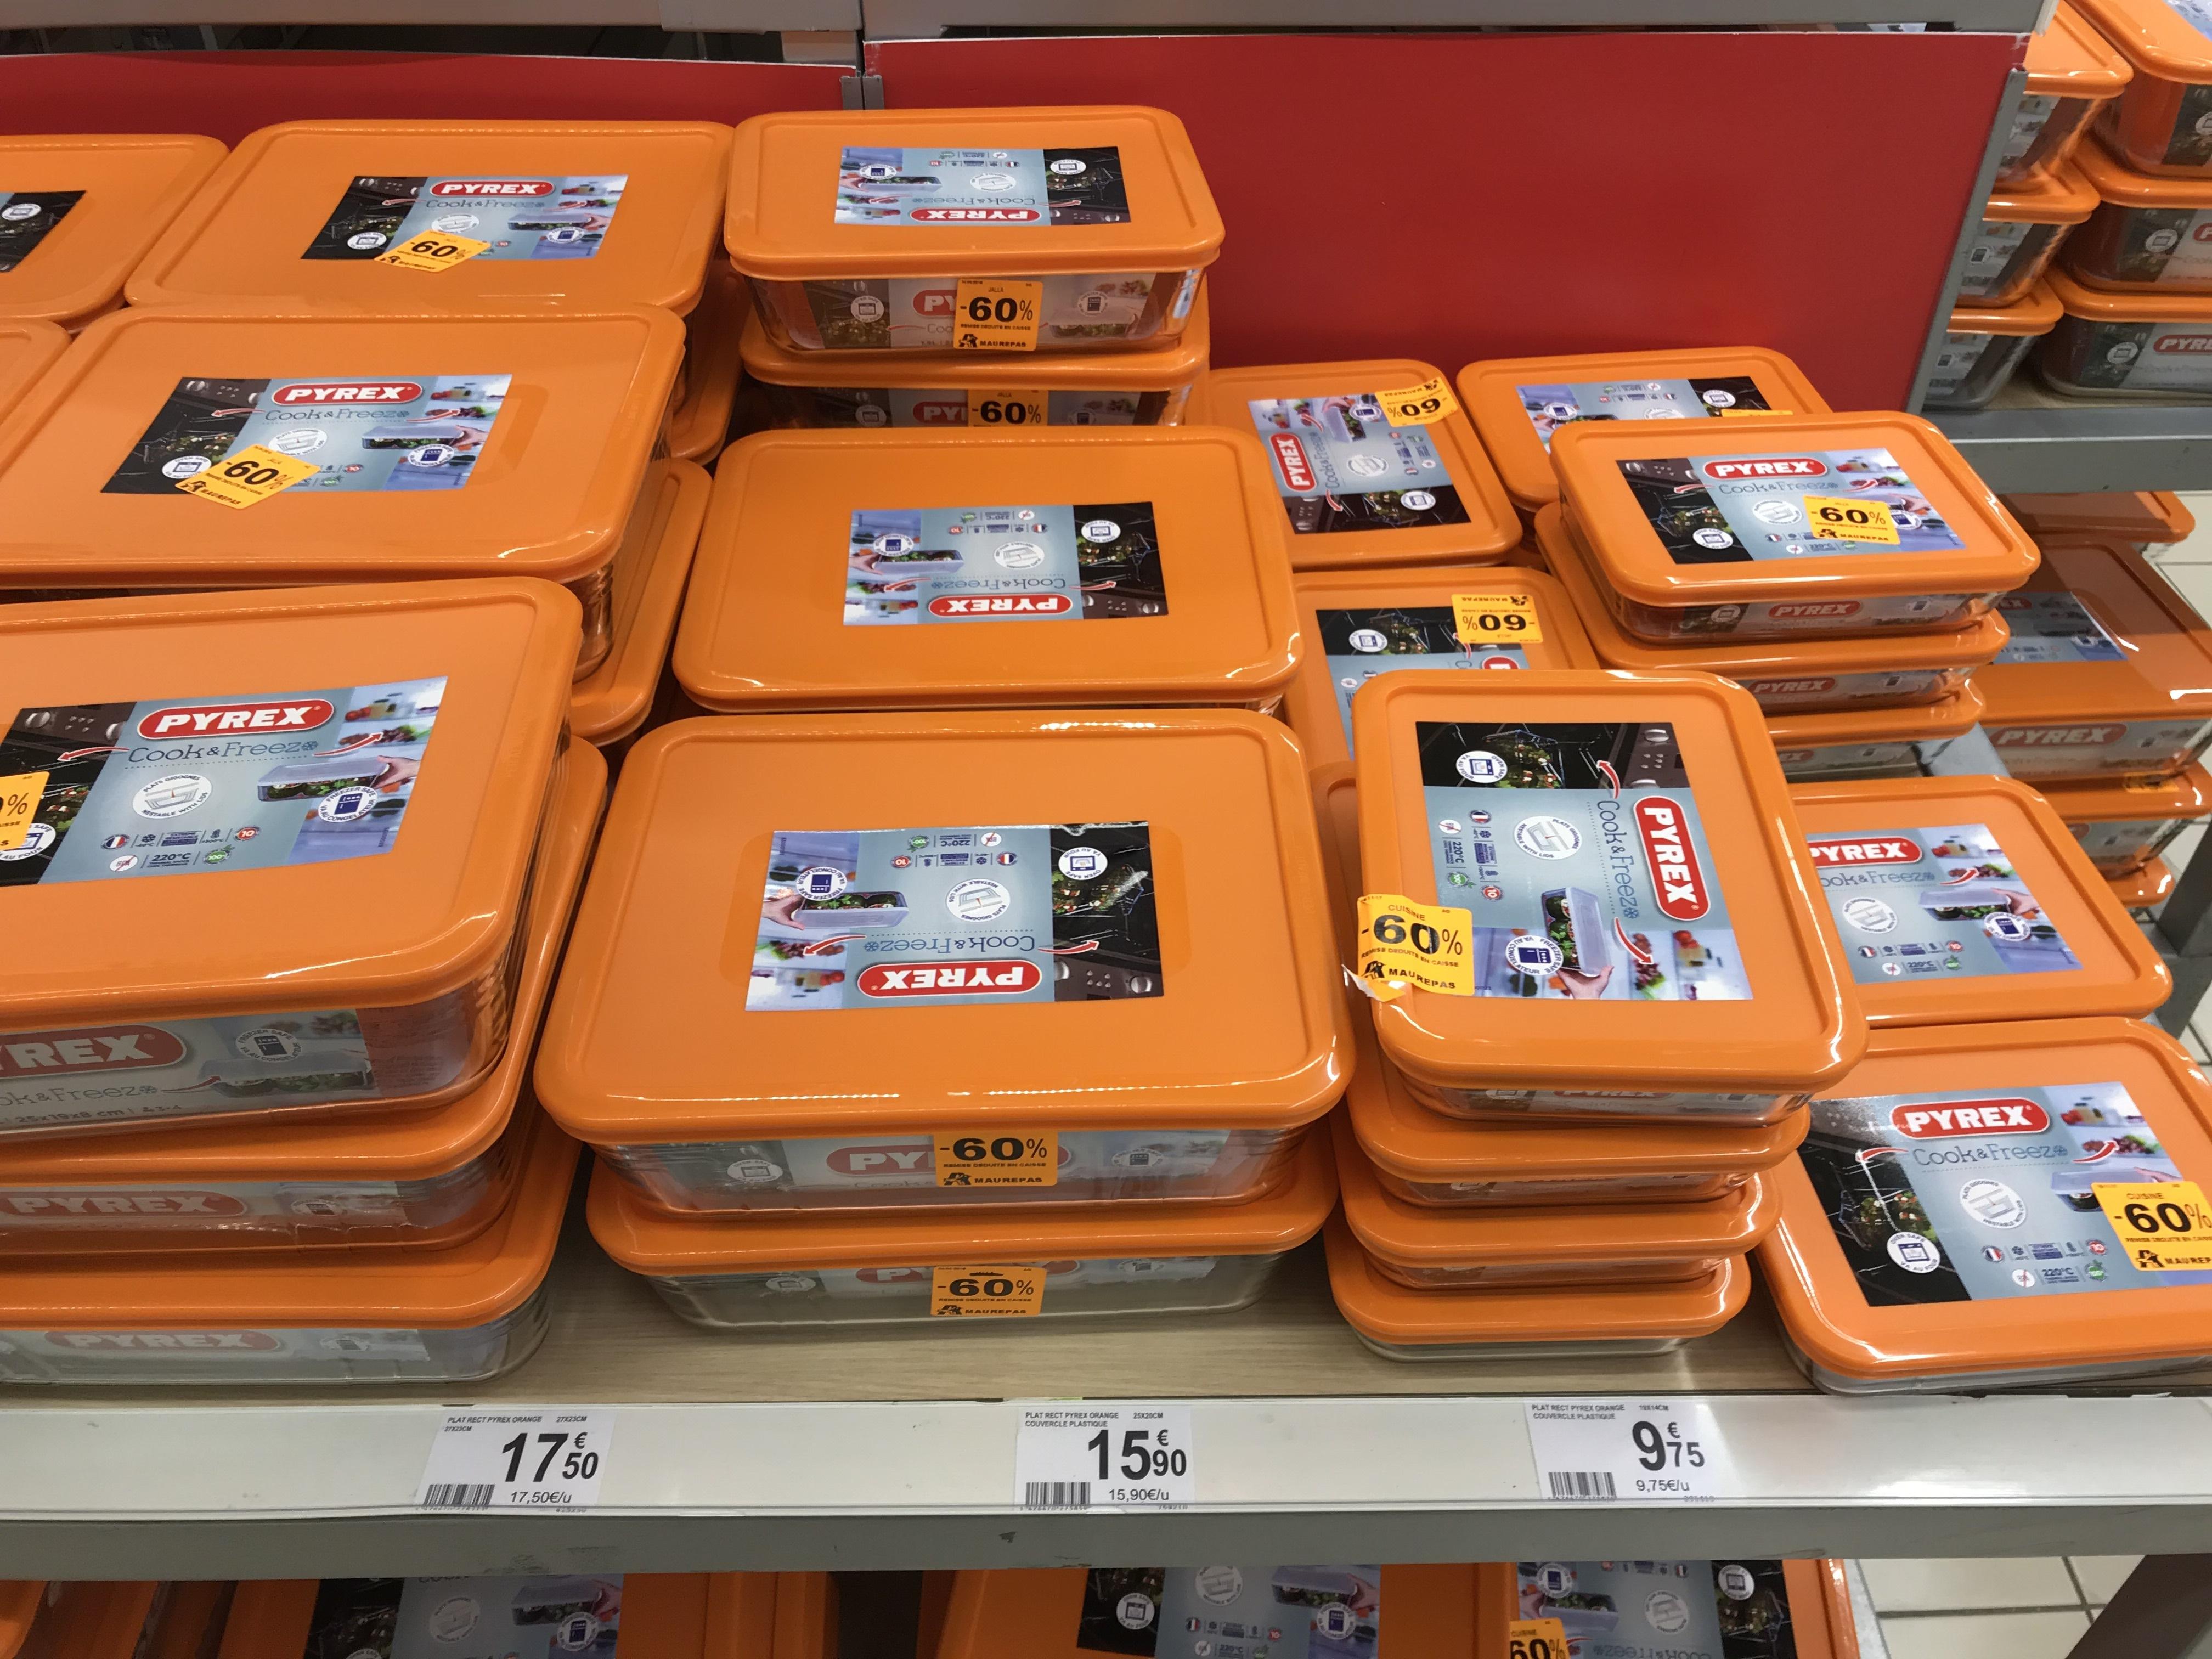 Plat Rectangulaire Cook & Freeze - 3 tailles différentes, Ex : 25x20cm - Auchan Maurepas (78)